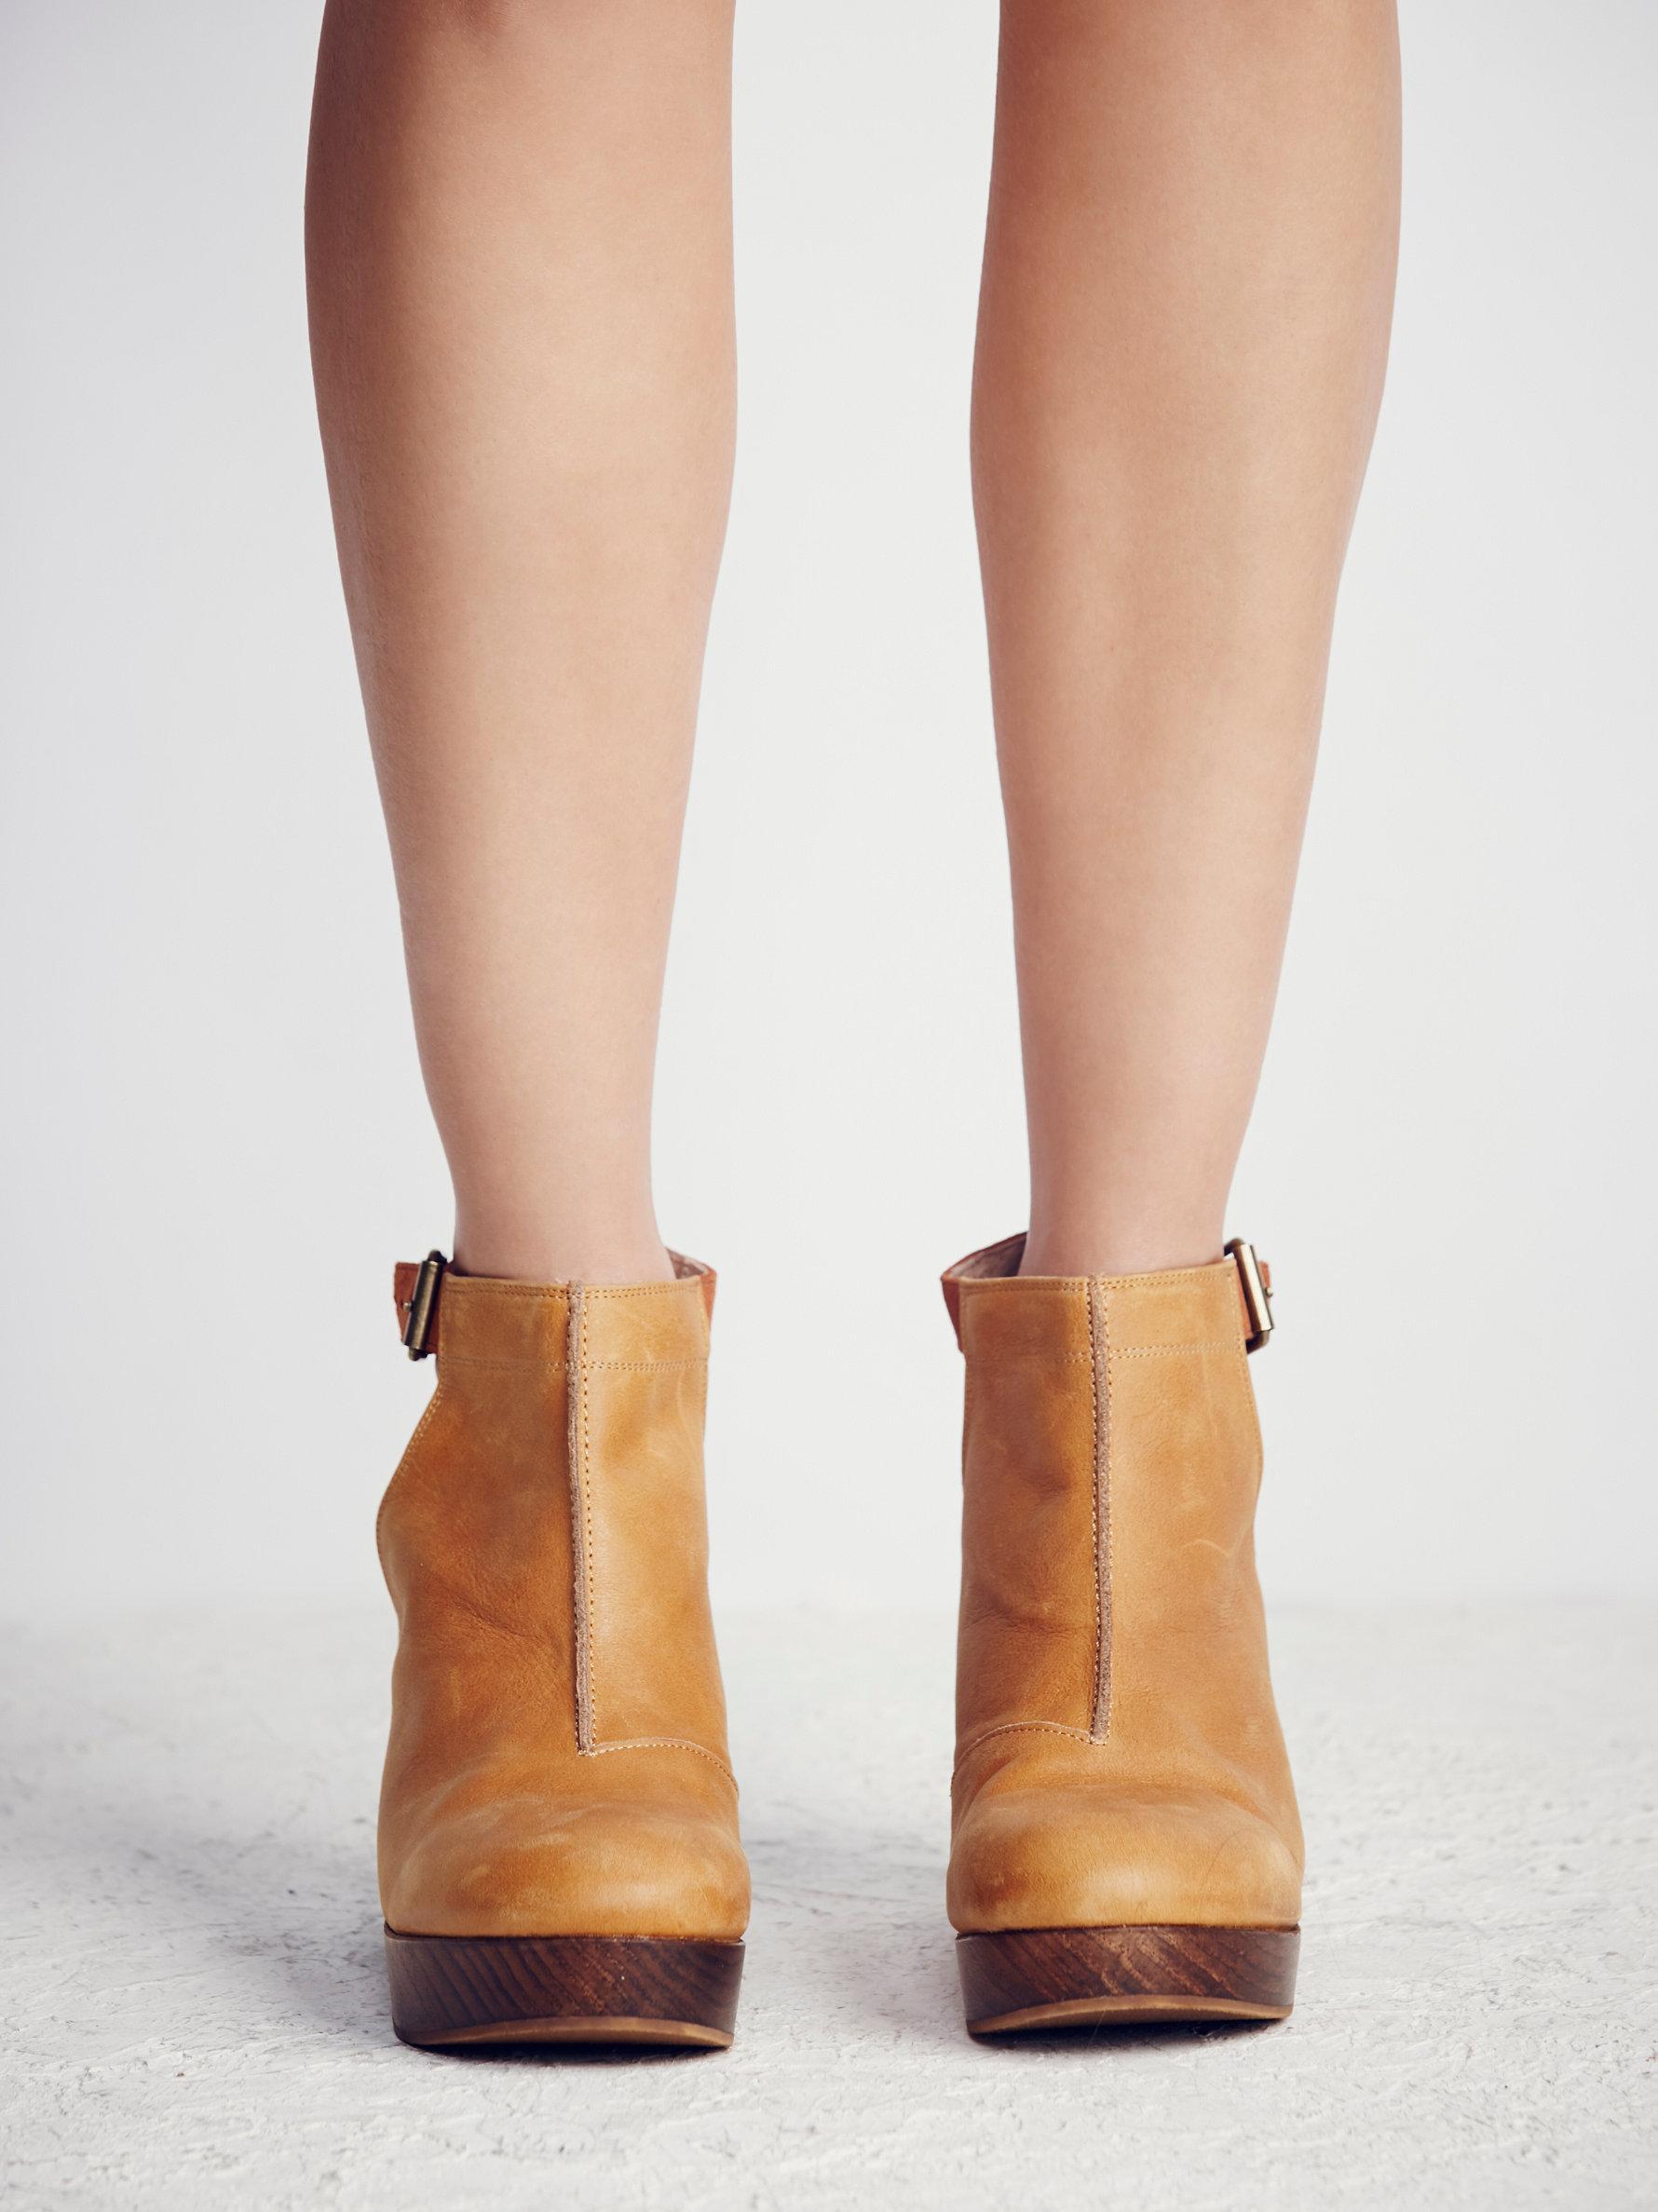 Womens Boots aetrex black amber sundance dz1y03y3